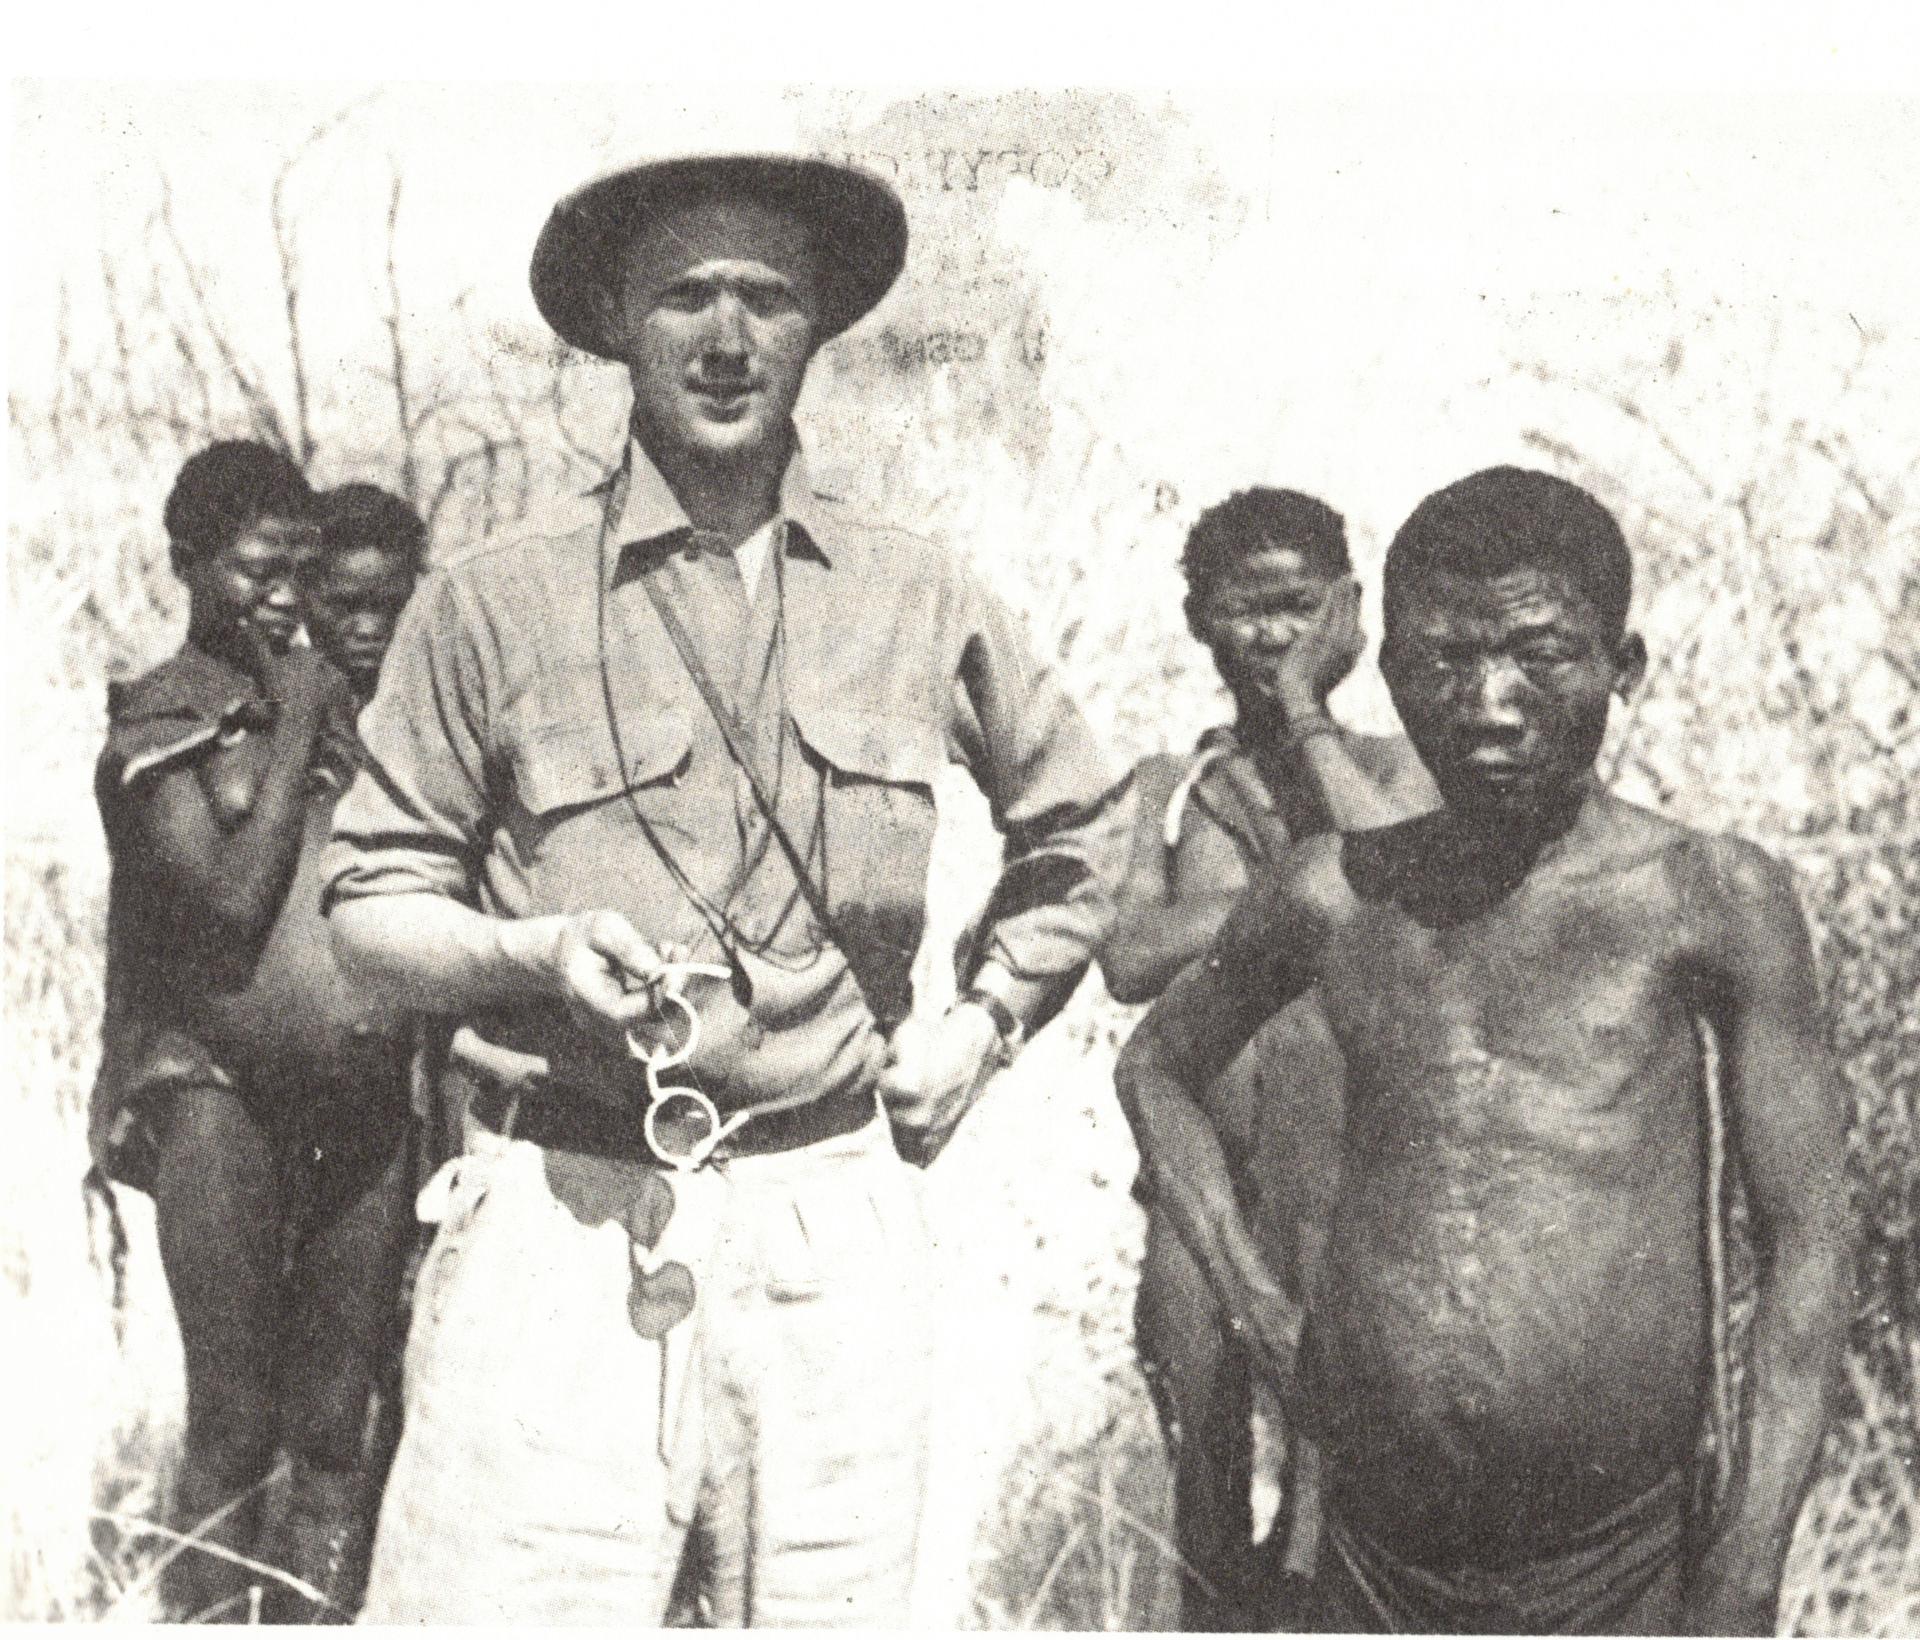 Jens Bjerre hos San-folket 1947. Han vendte tilbage og boede hos dem i flere måneder i 1957